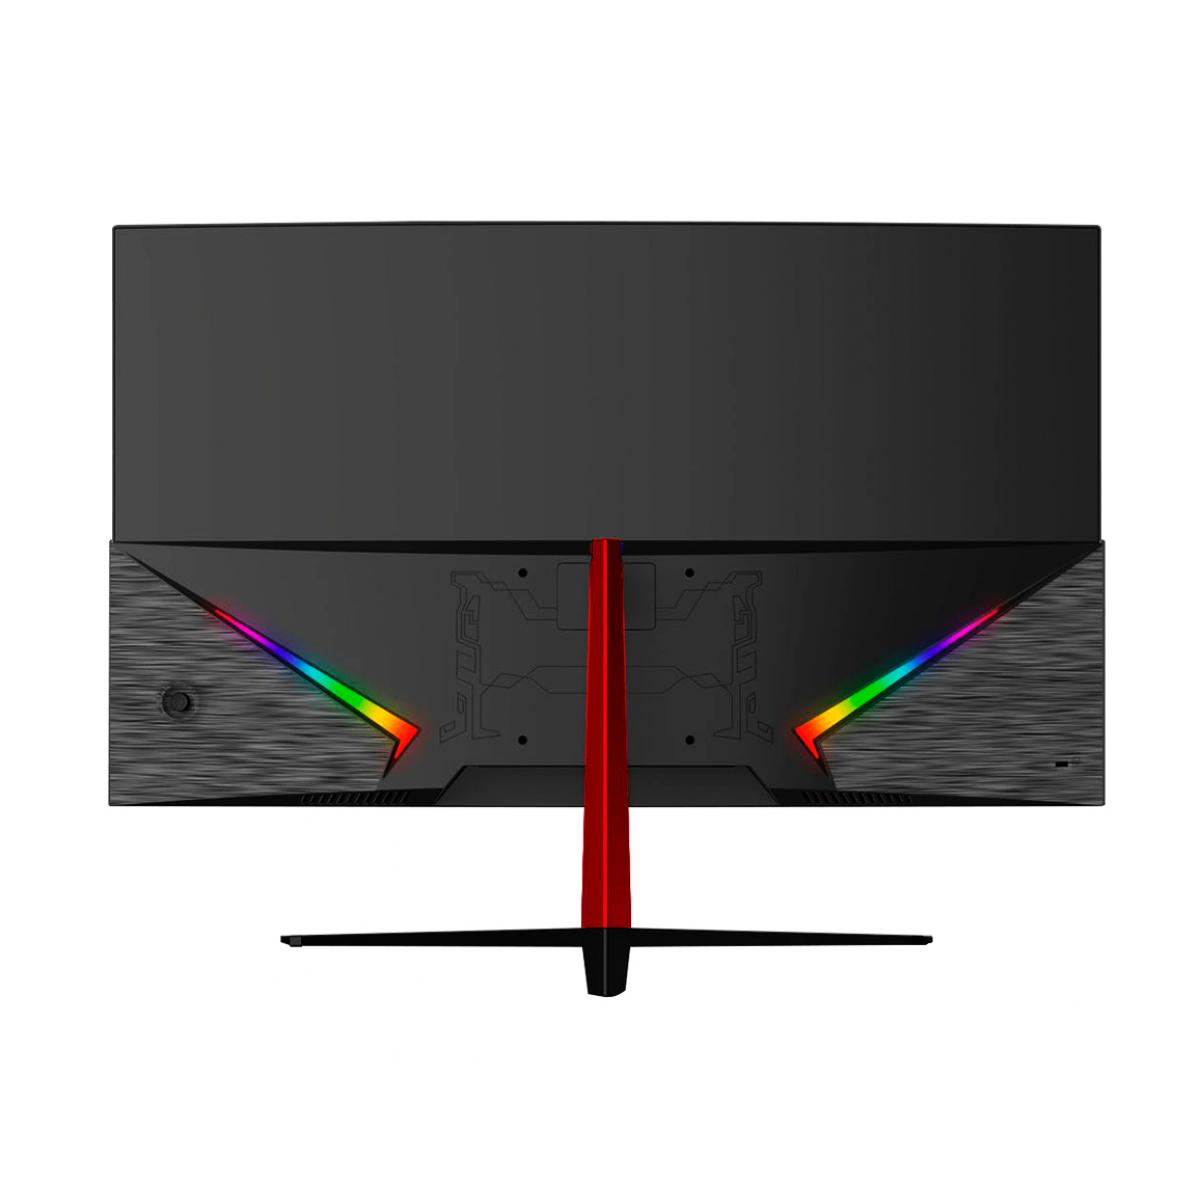 Monitor Gamer HQ Curvo 27 Pol, 165Hz, 1ms, Freesync, HDMI, Display Port, Borda Ultra Fina, 27HQ-LED CURVO RGB R3000